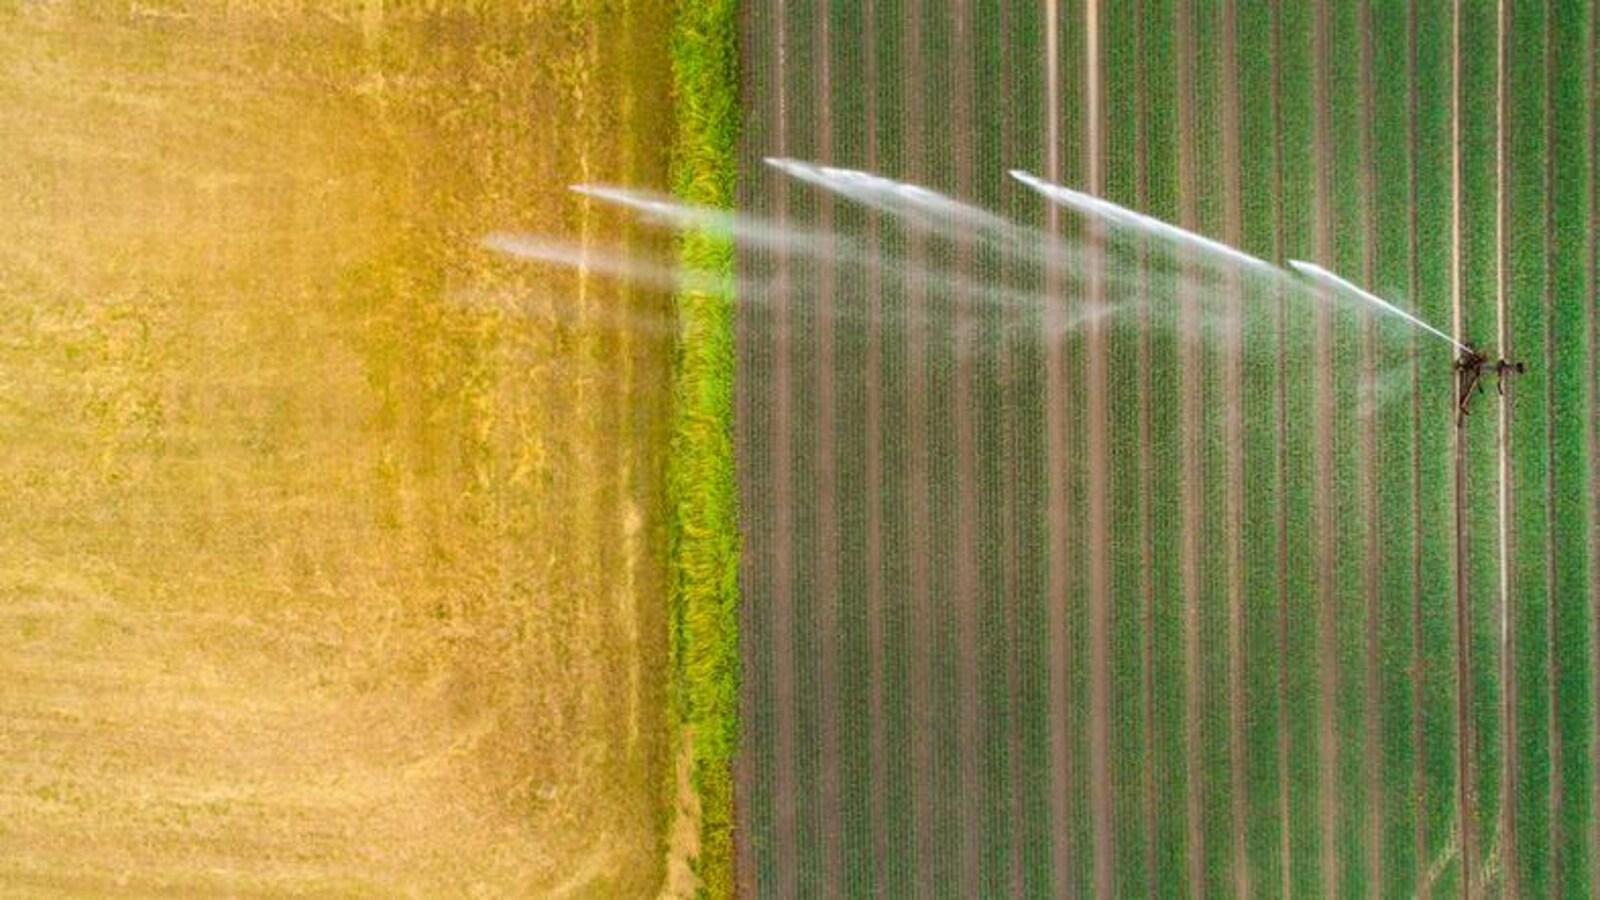 Arrosage d'un champs de blé.